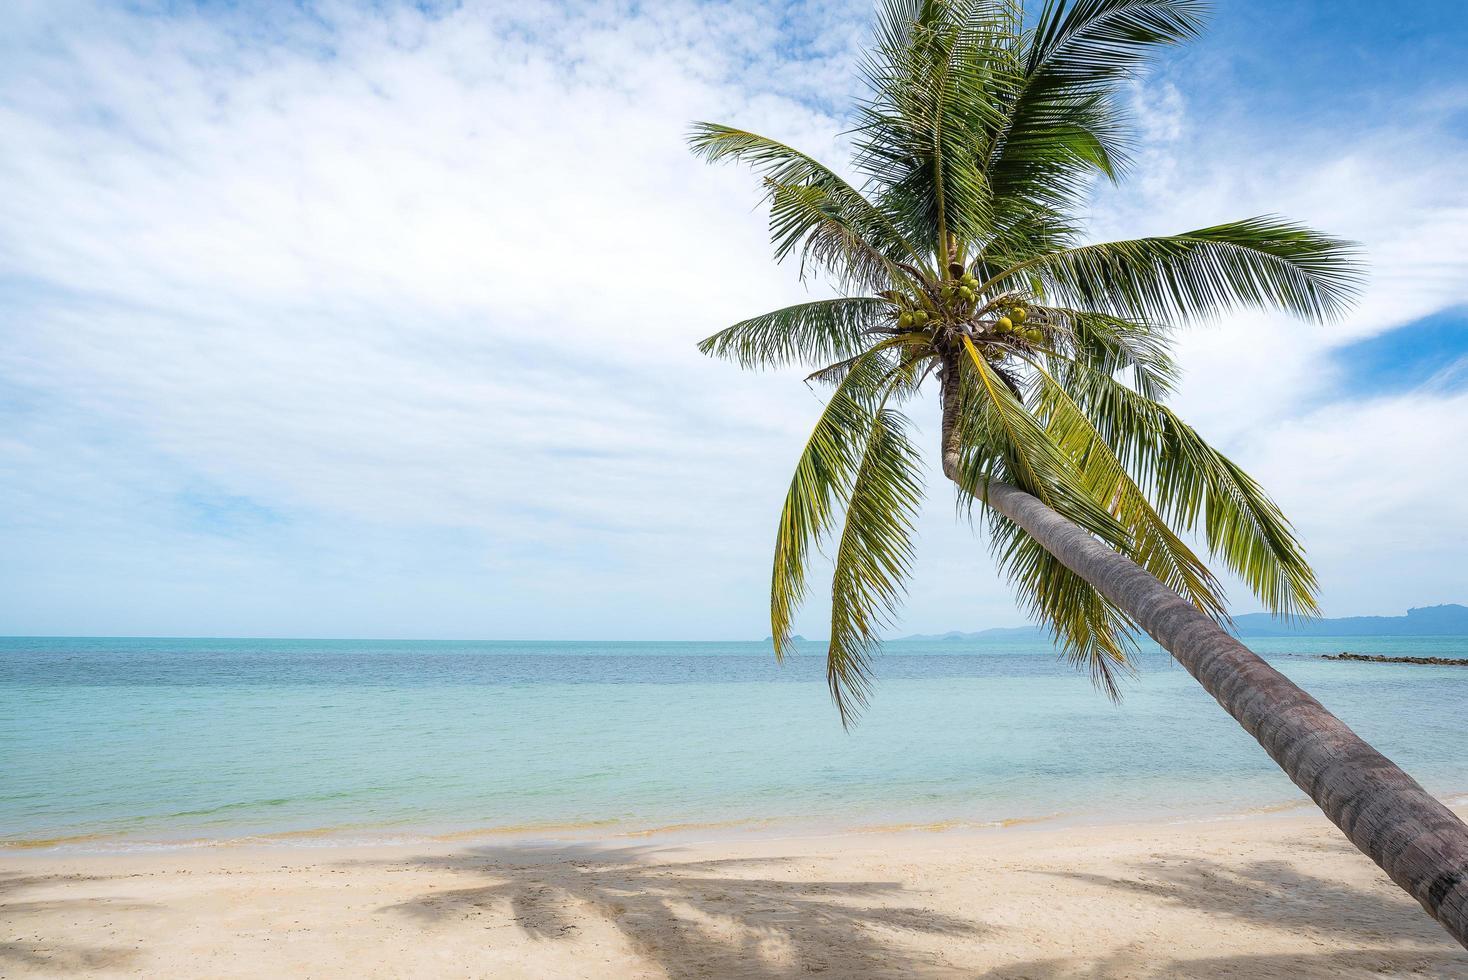 Palme am tropischen Strand foto